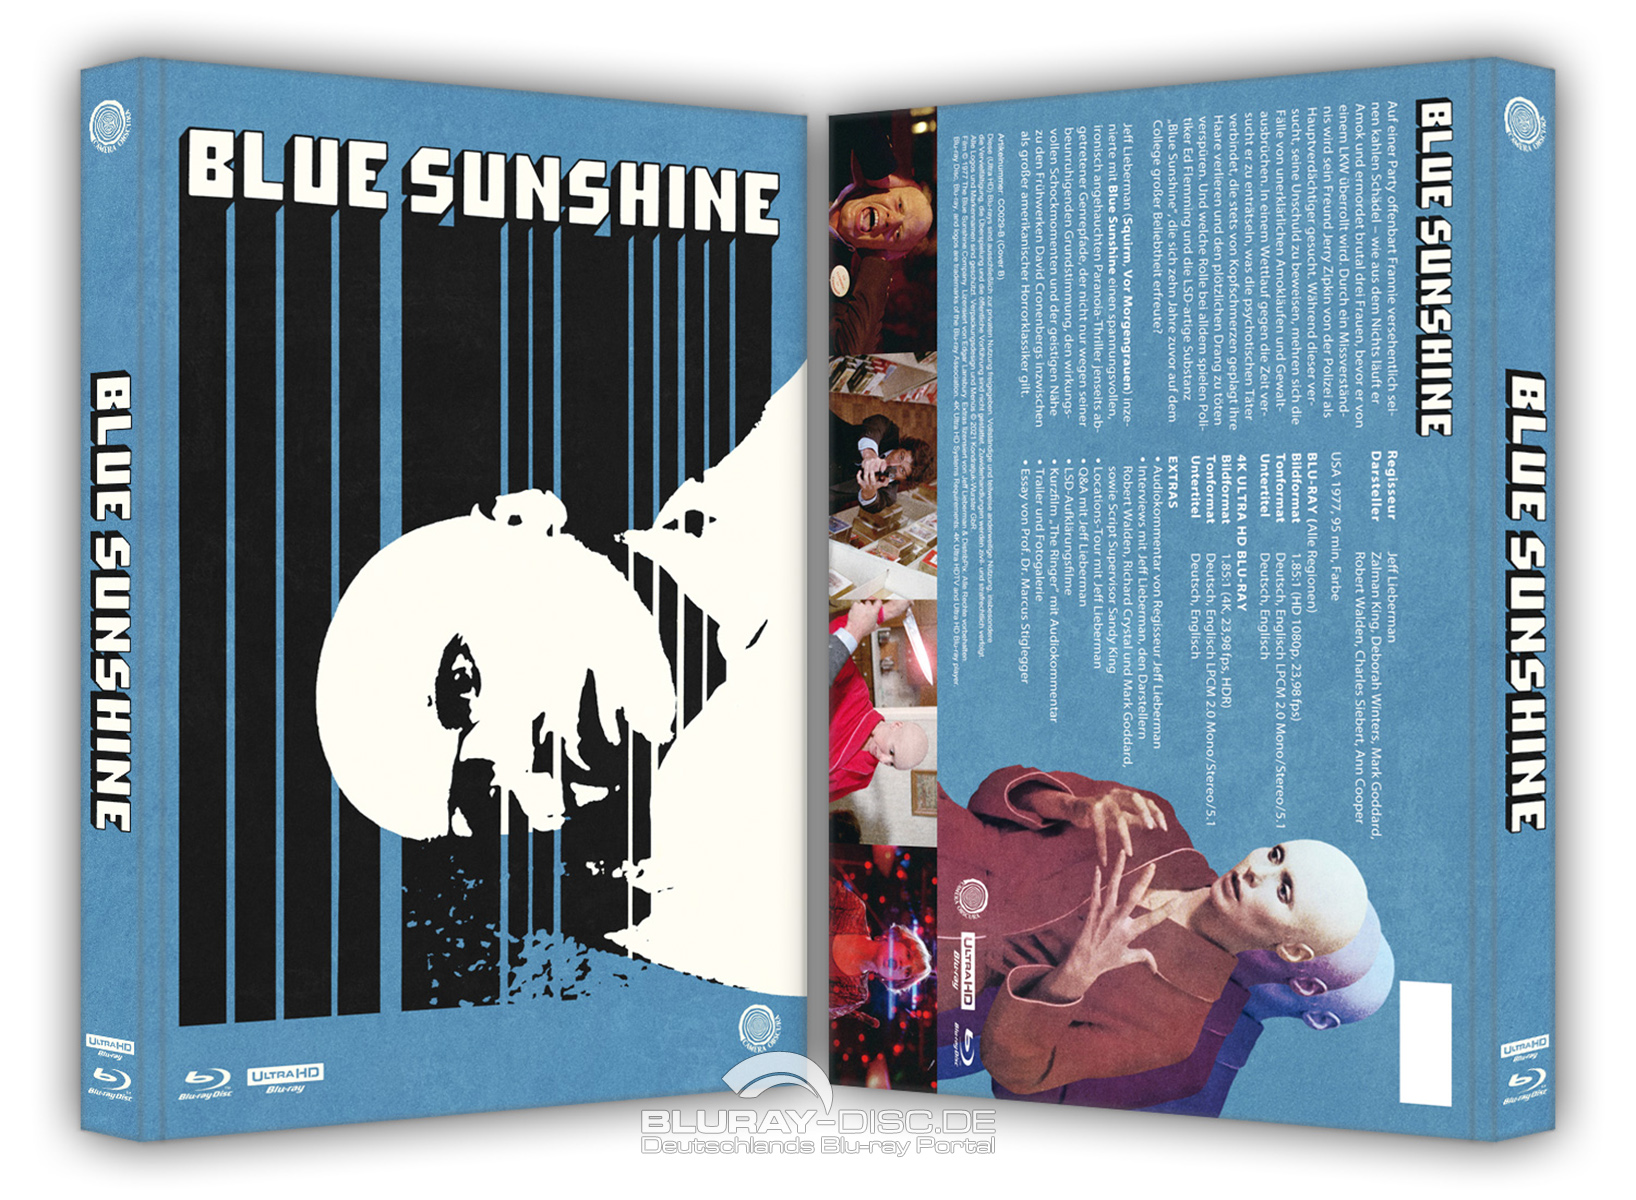 Blue_Sunshine_Galerie_4K_Mediabook_Cover_B.jpg